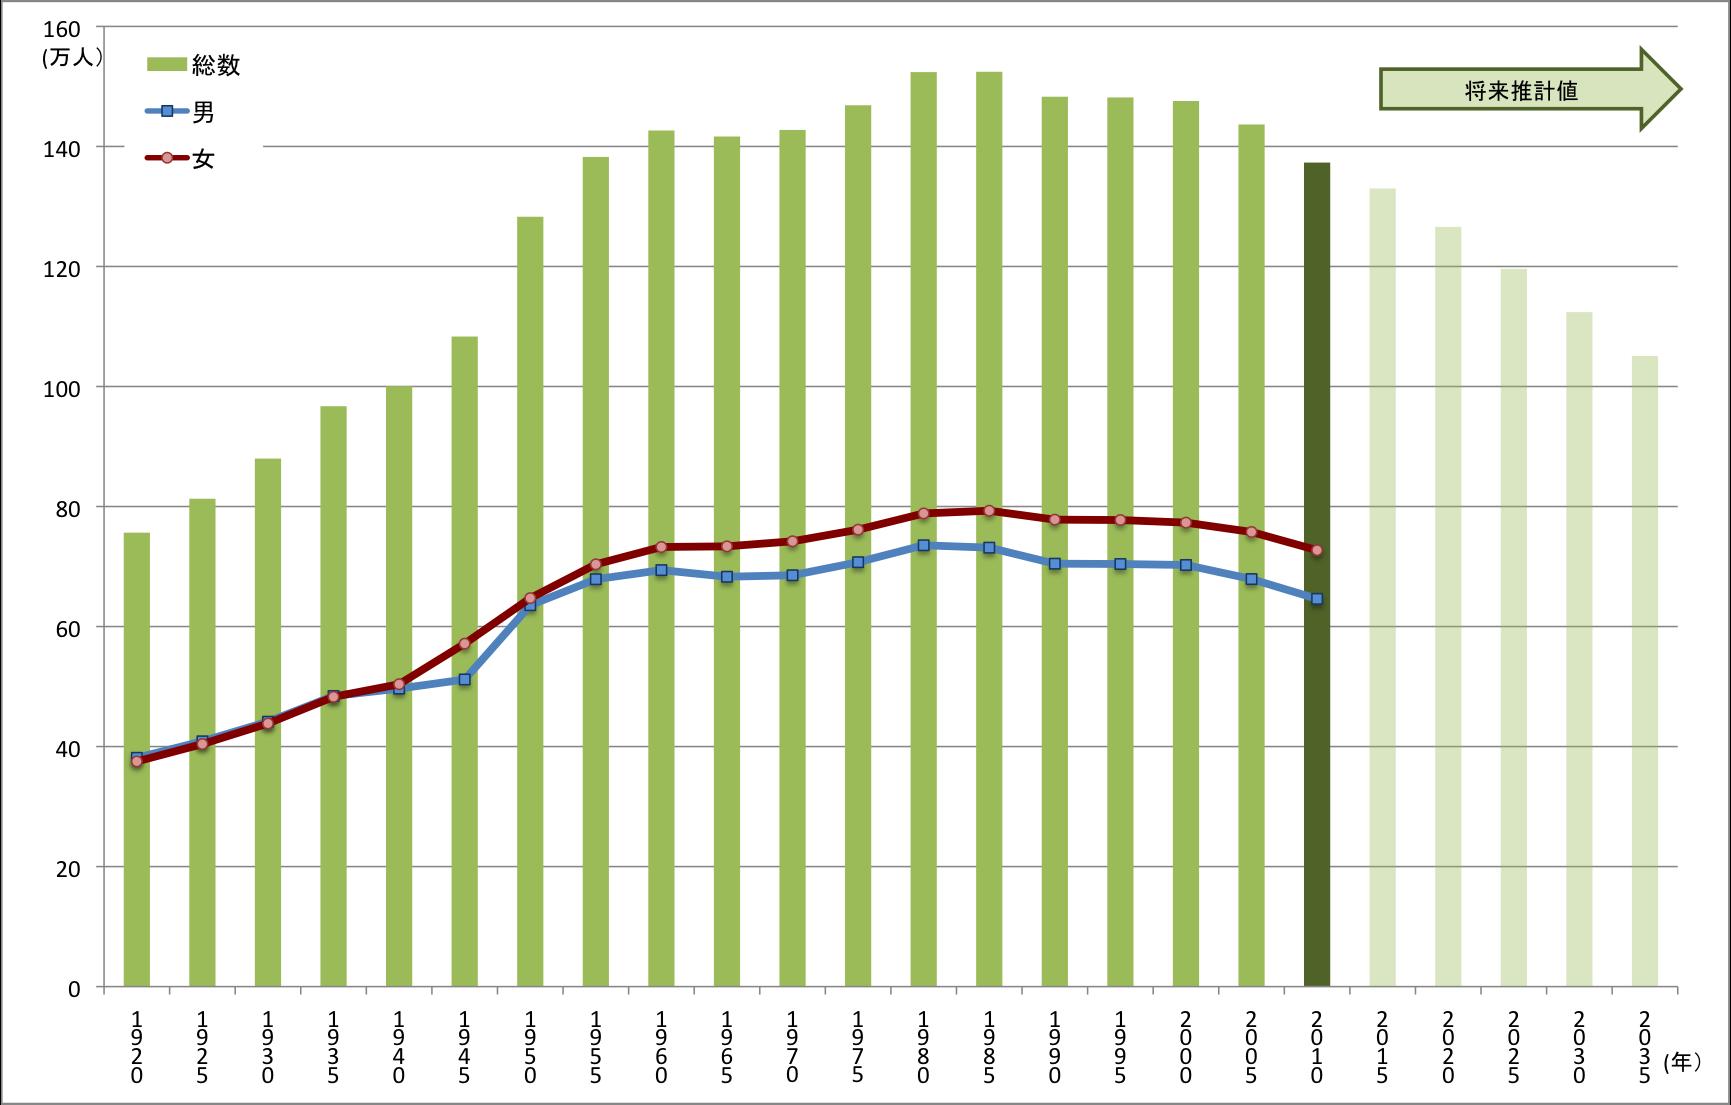 ファイル:09年青森県の人口の推移.png - Wikipedia